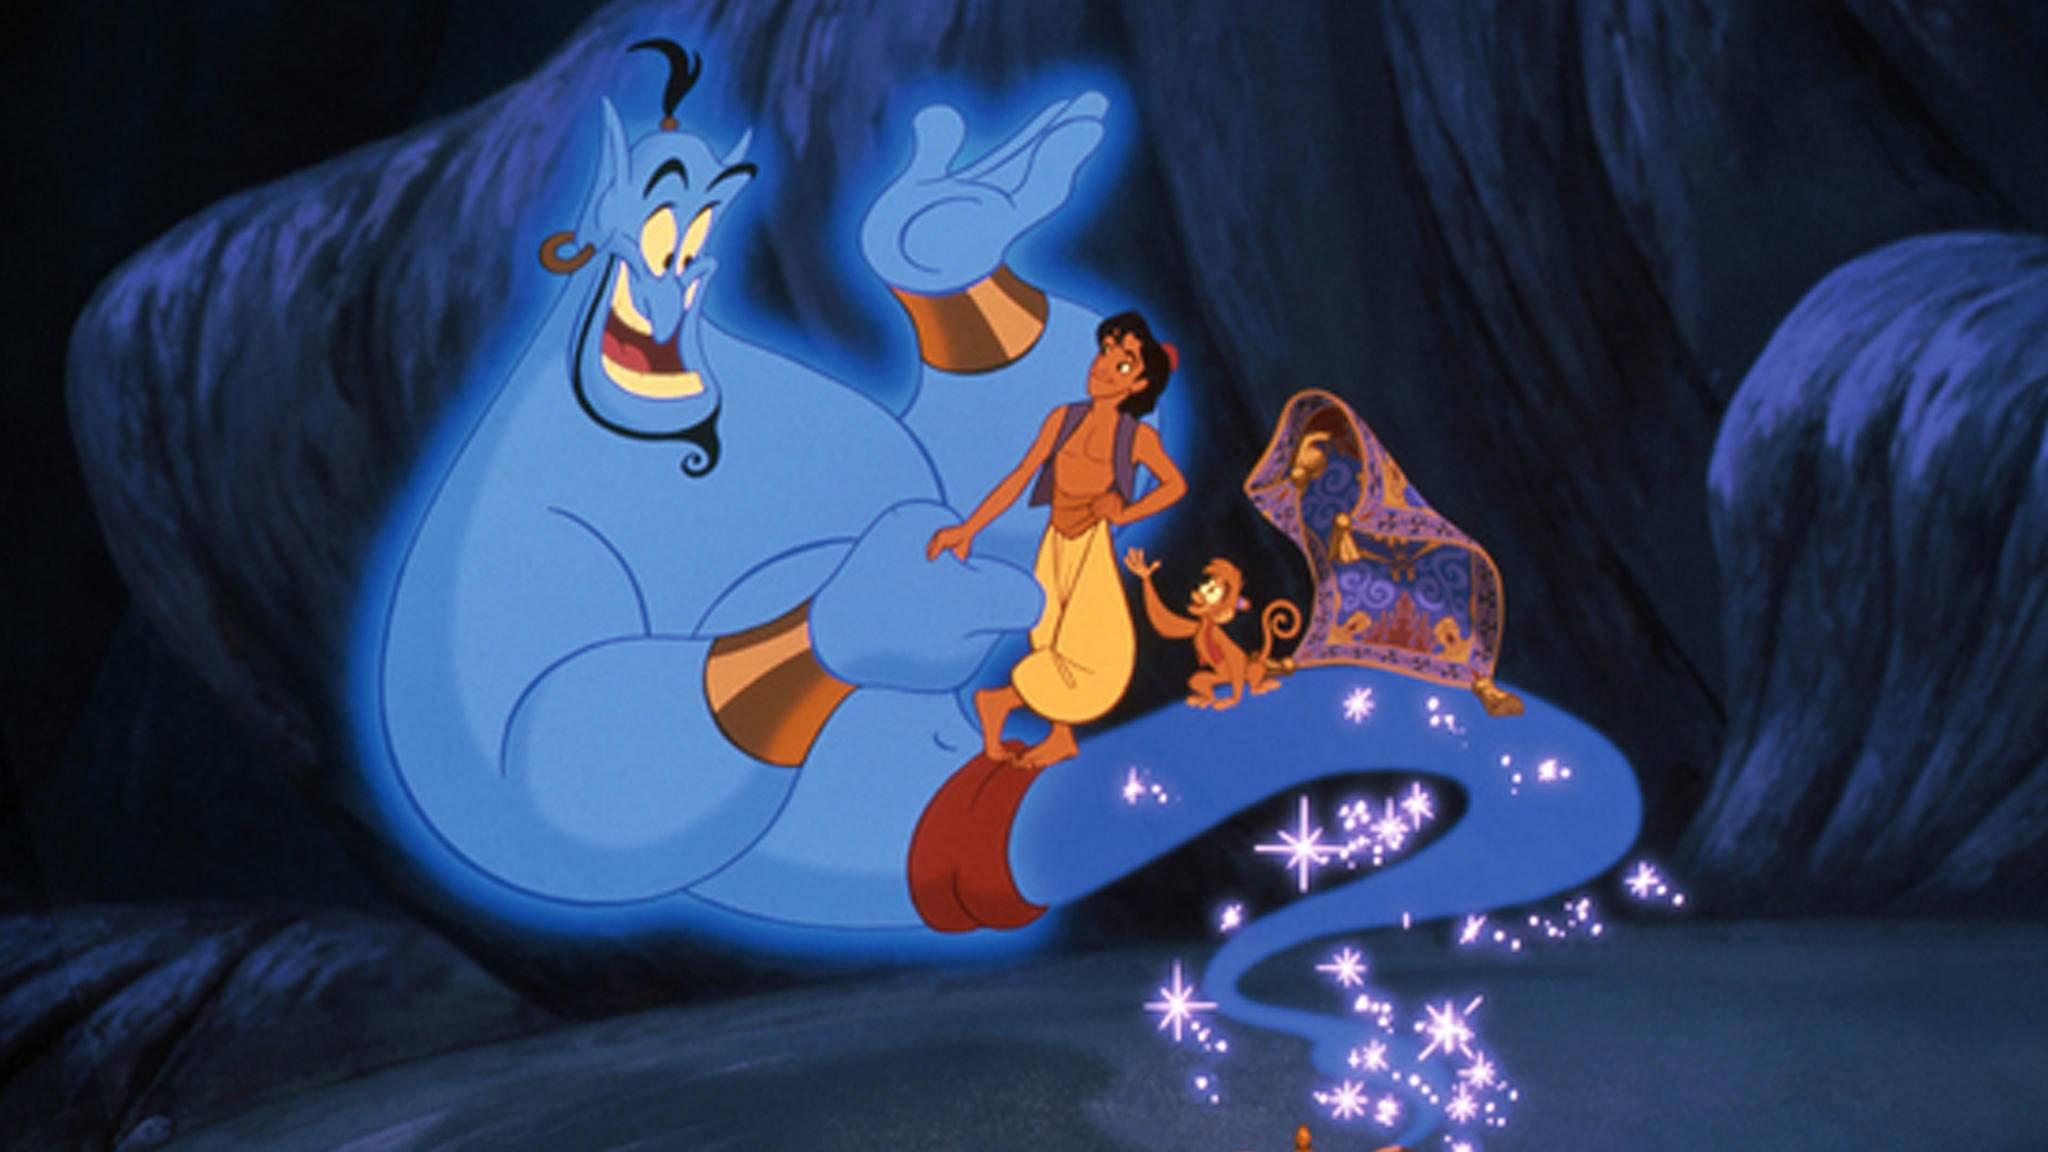 """Der Startschuss ist gefallen: Will Smith und Co. erwecken die Zeichentrickfiguren aus """"Aladdin"""" zum Leben."""